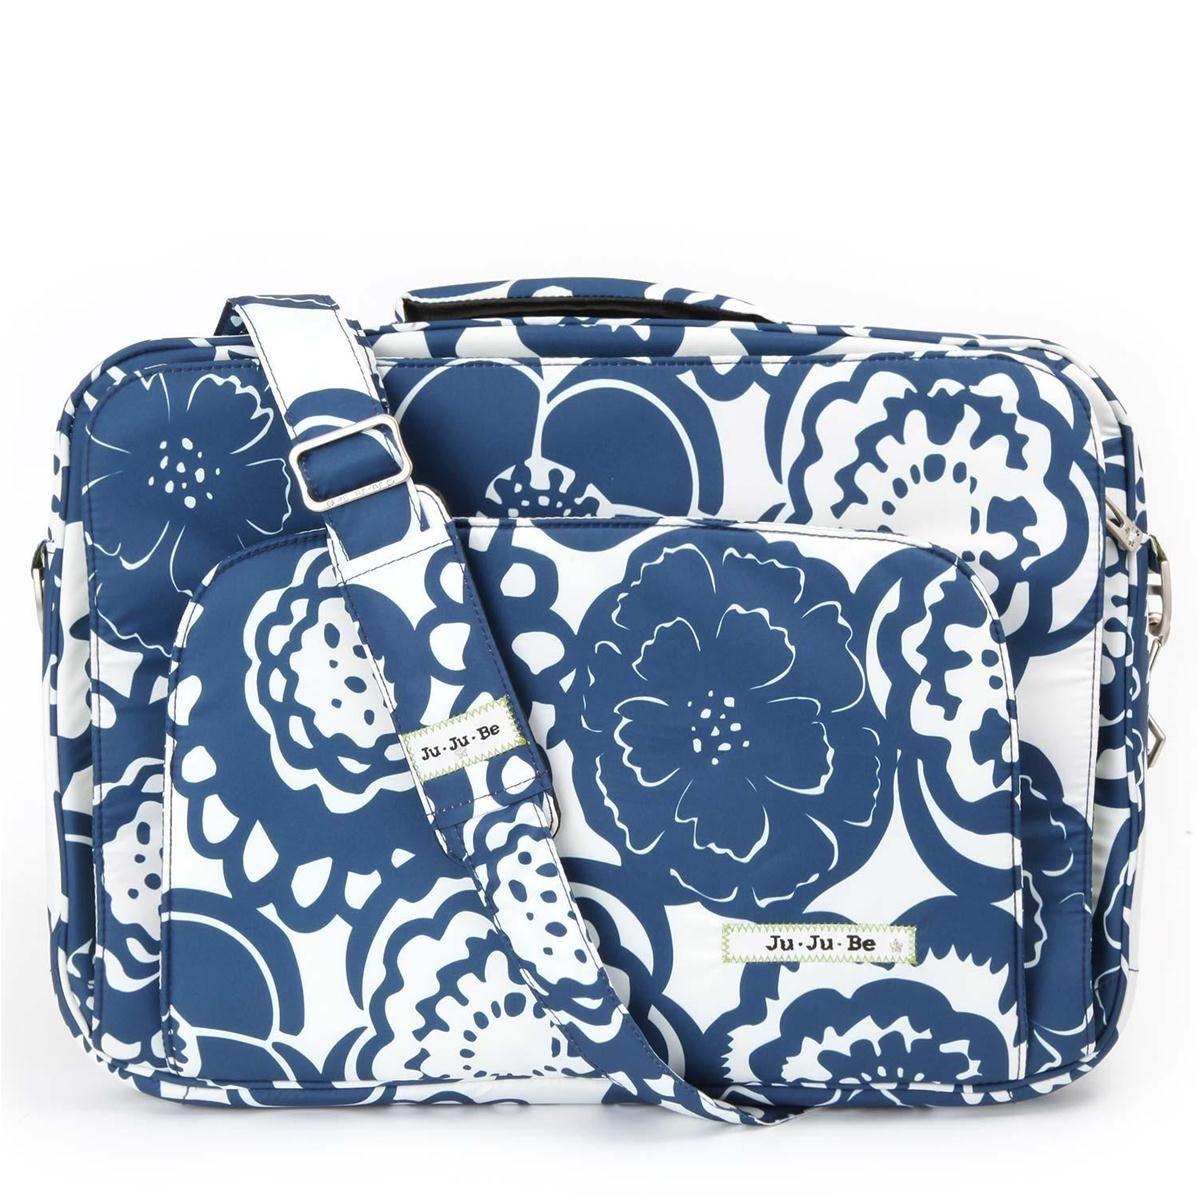 Cobalt Blossom Giga Be Laptop Carrying Case Blue White